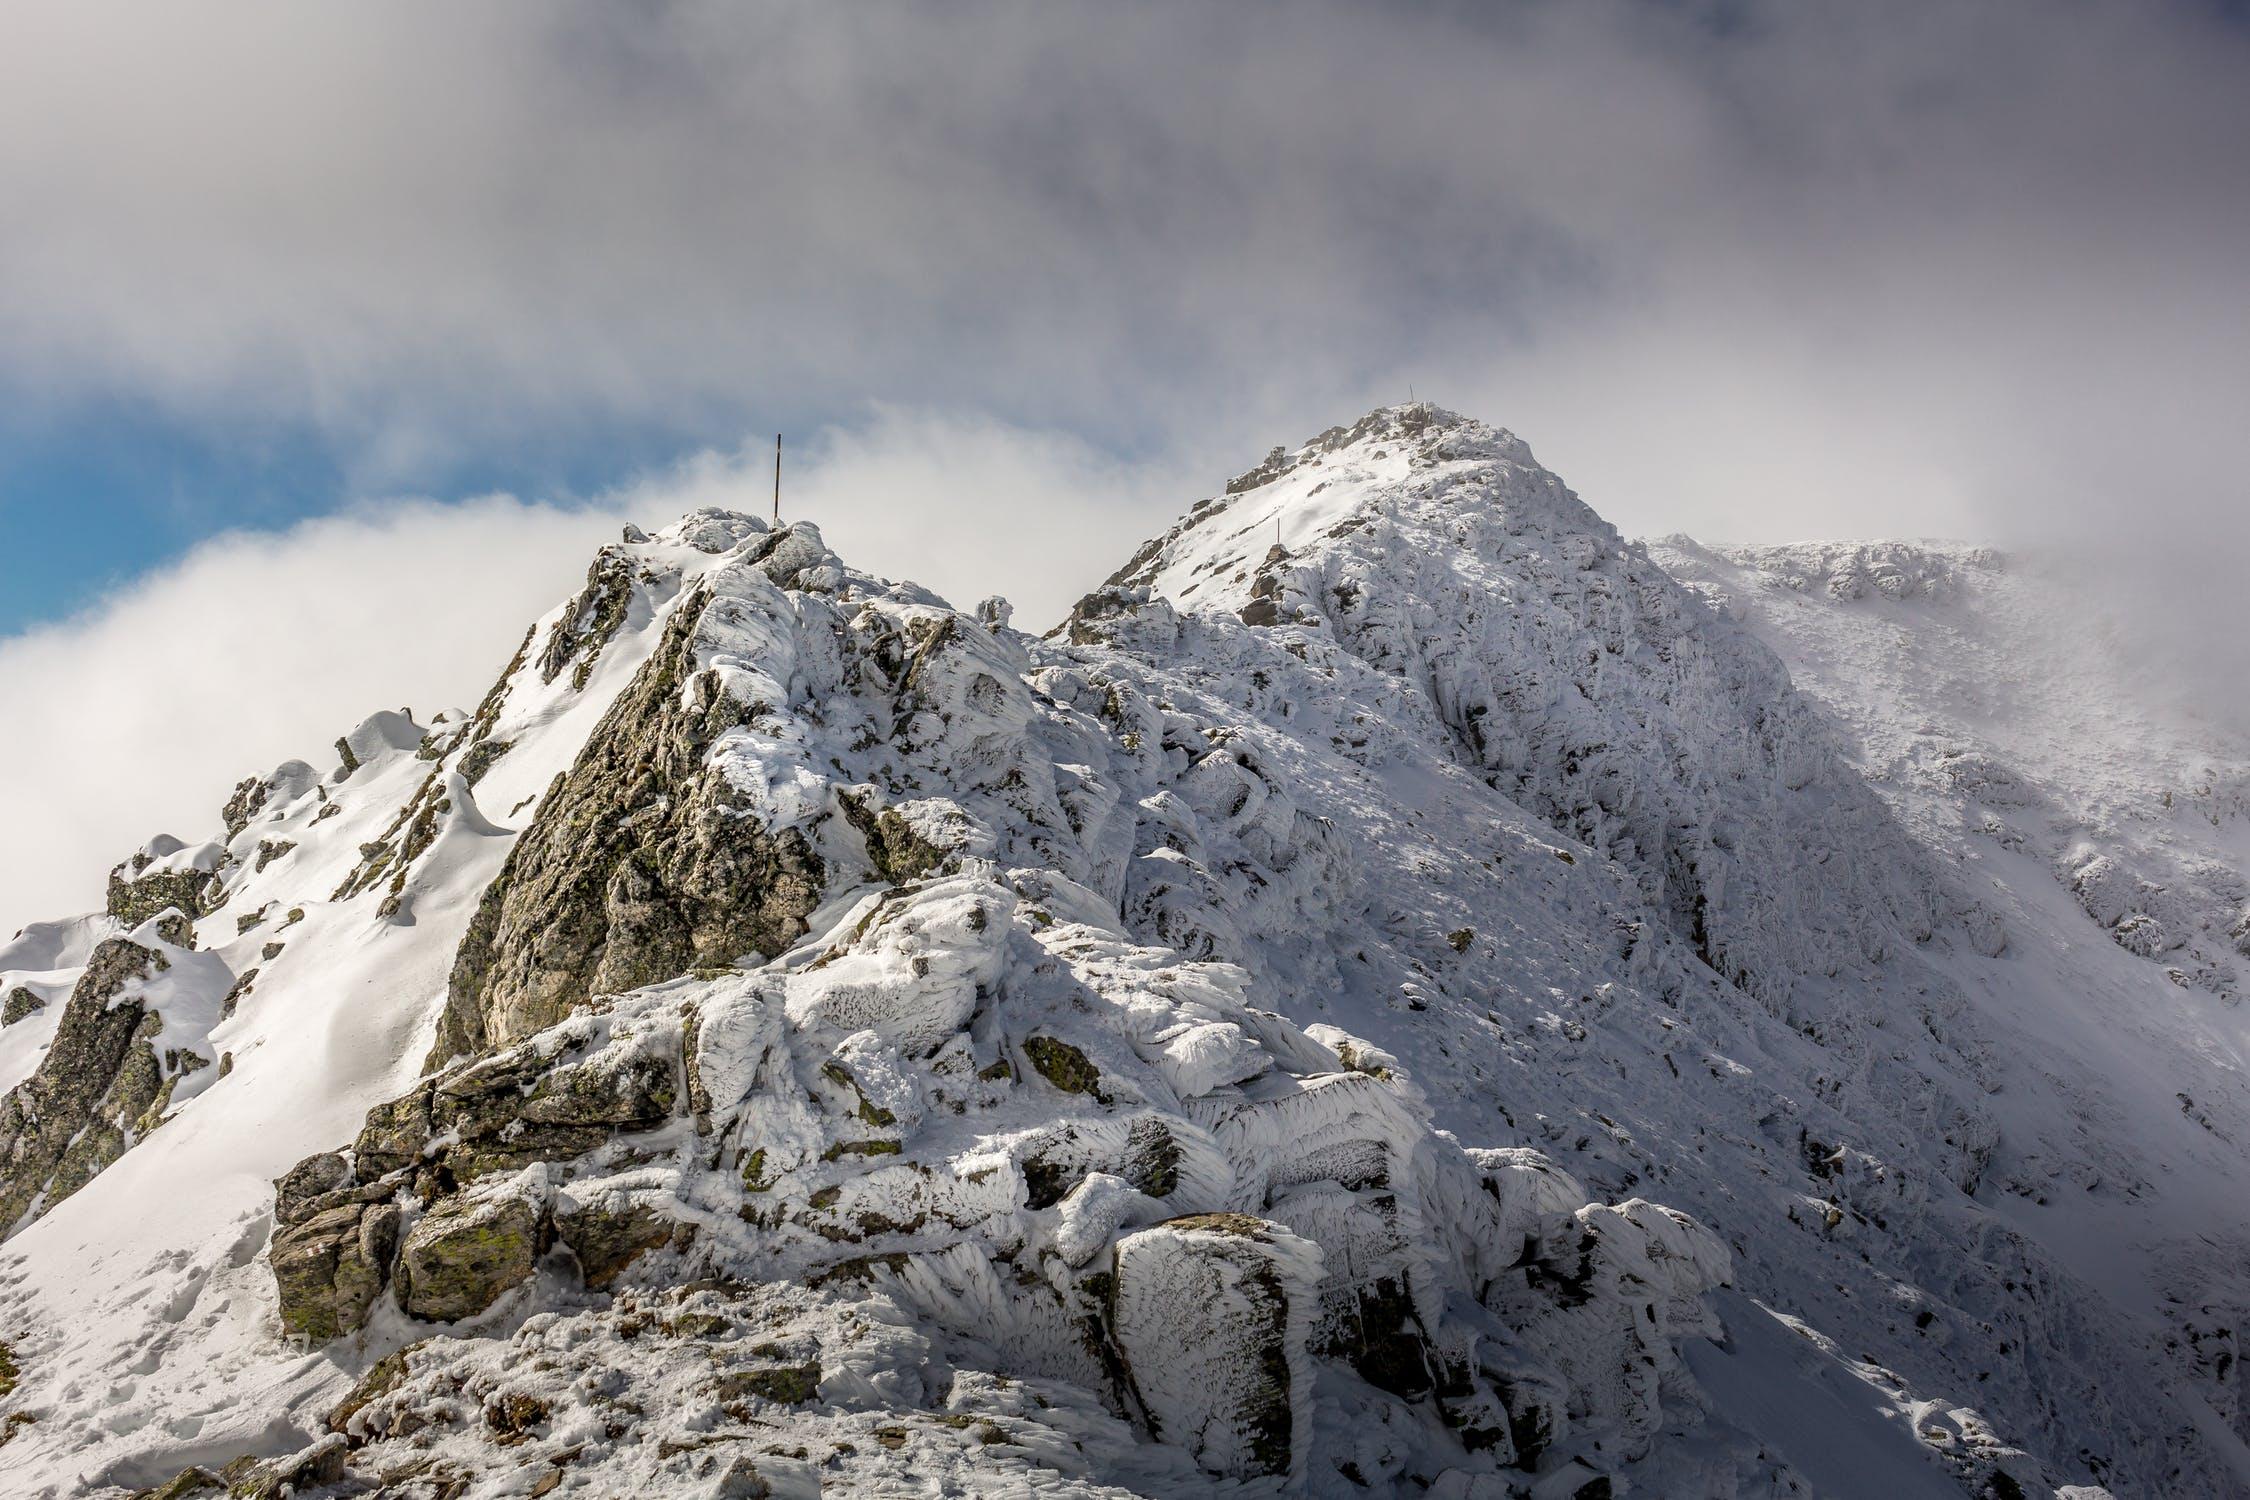 Vista della cima di una montagna coperta di neve